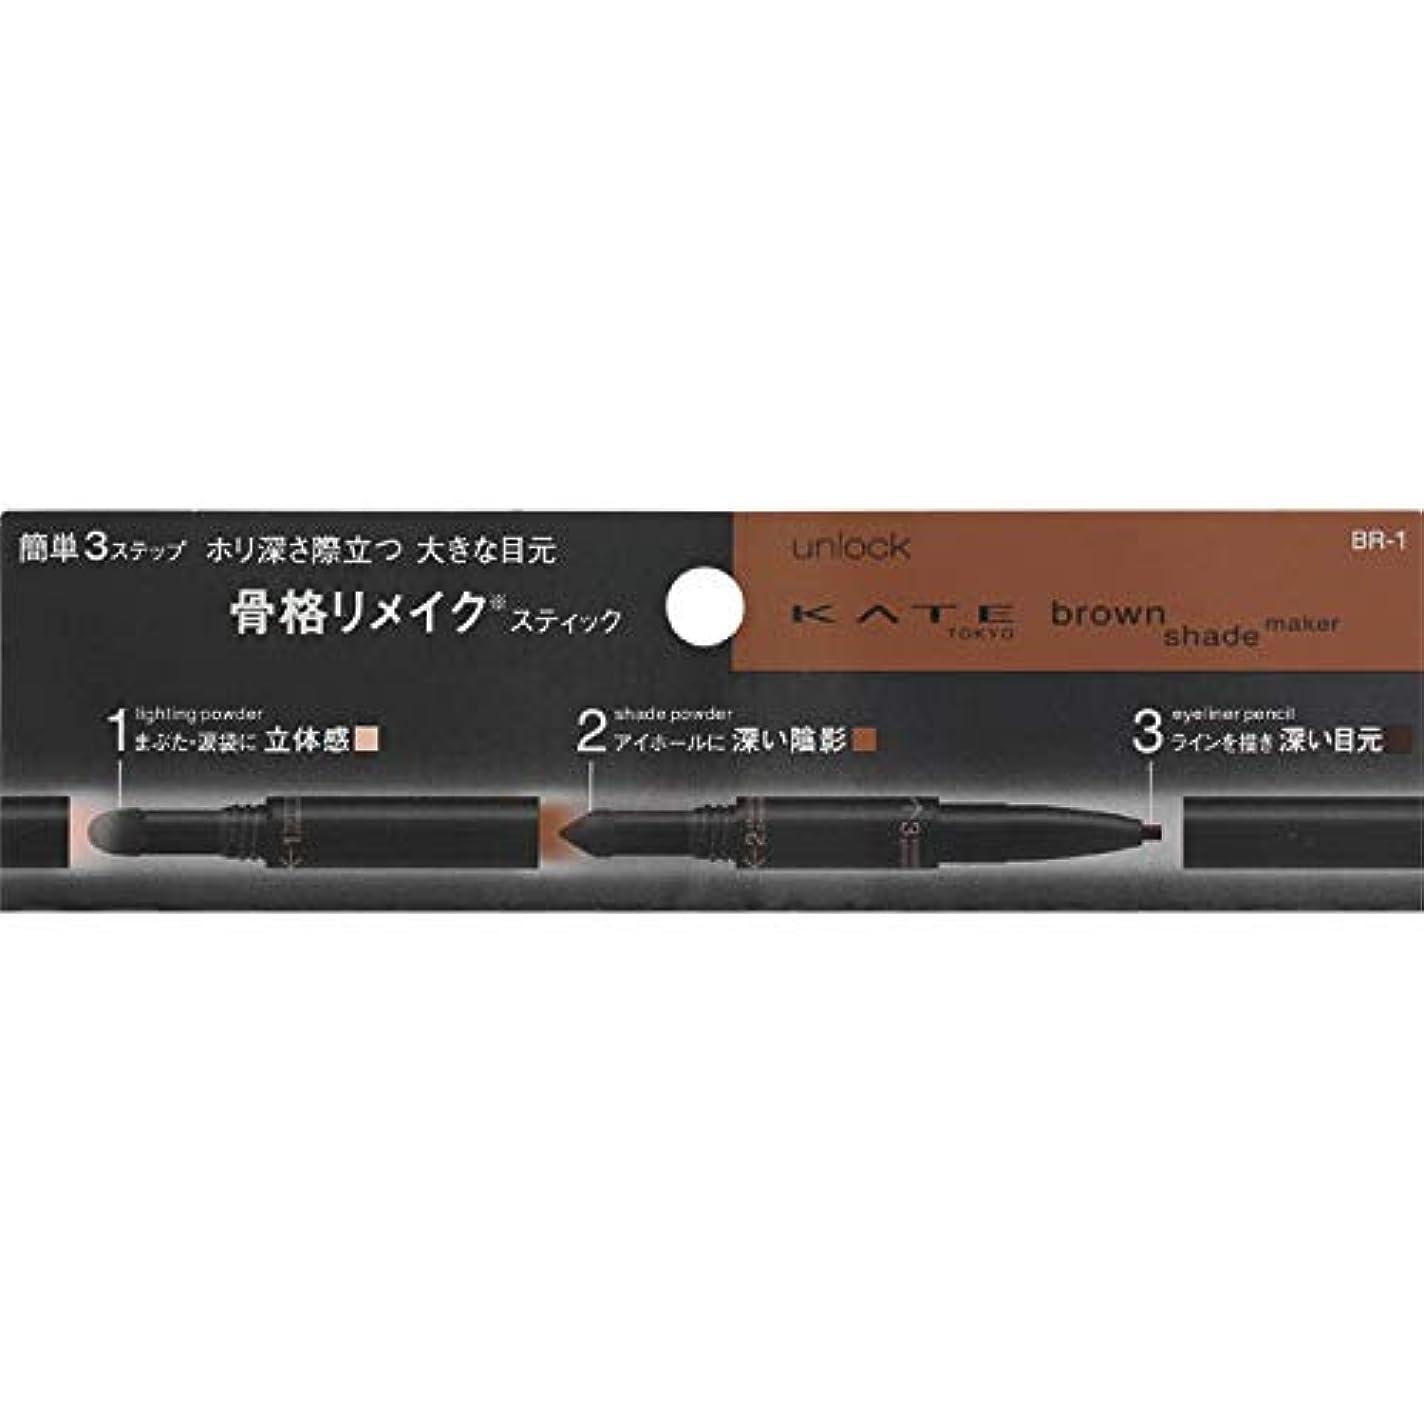 波紋公然と好戦的なカネボウ(Kanebo) ケイト ブラウンシェードメイカー<カラー:BR-1>